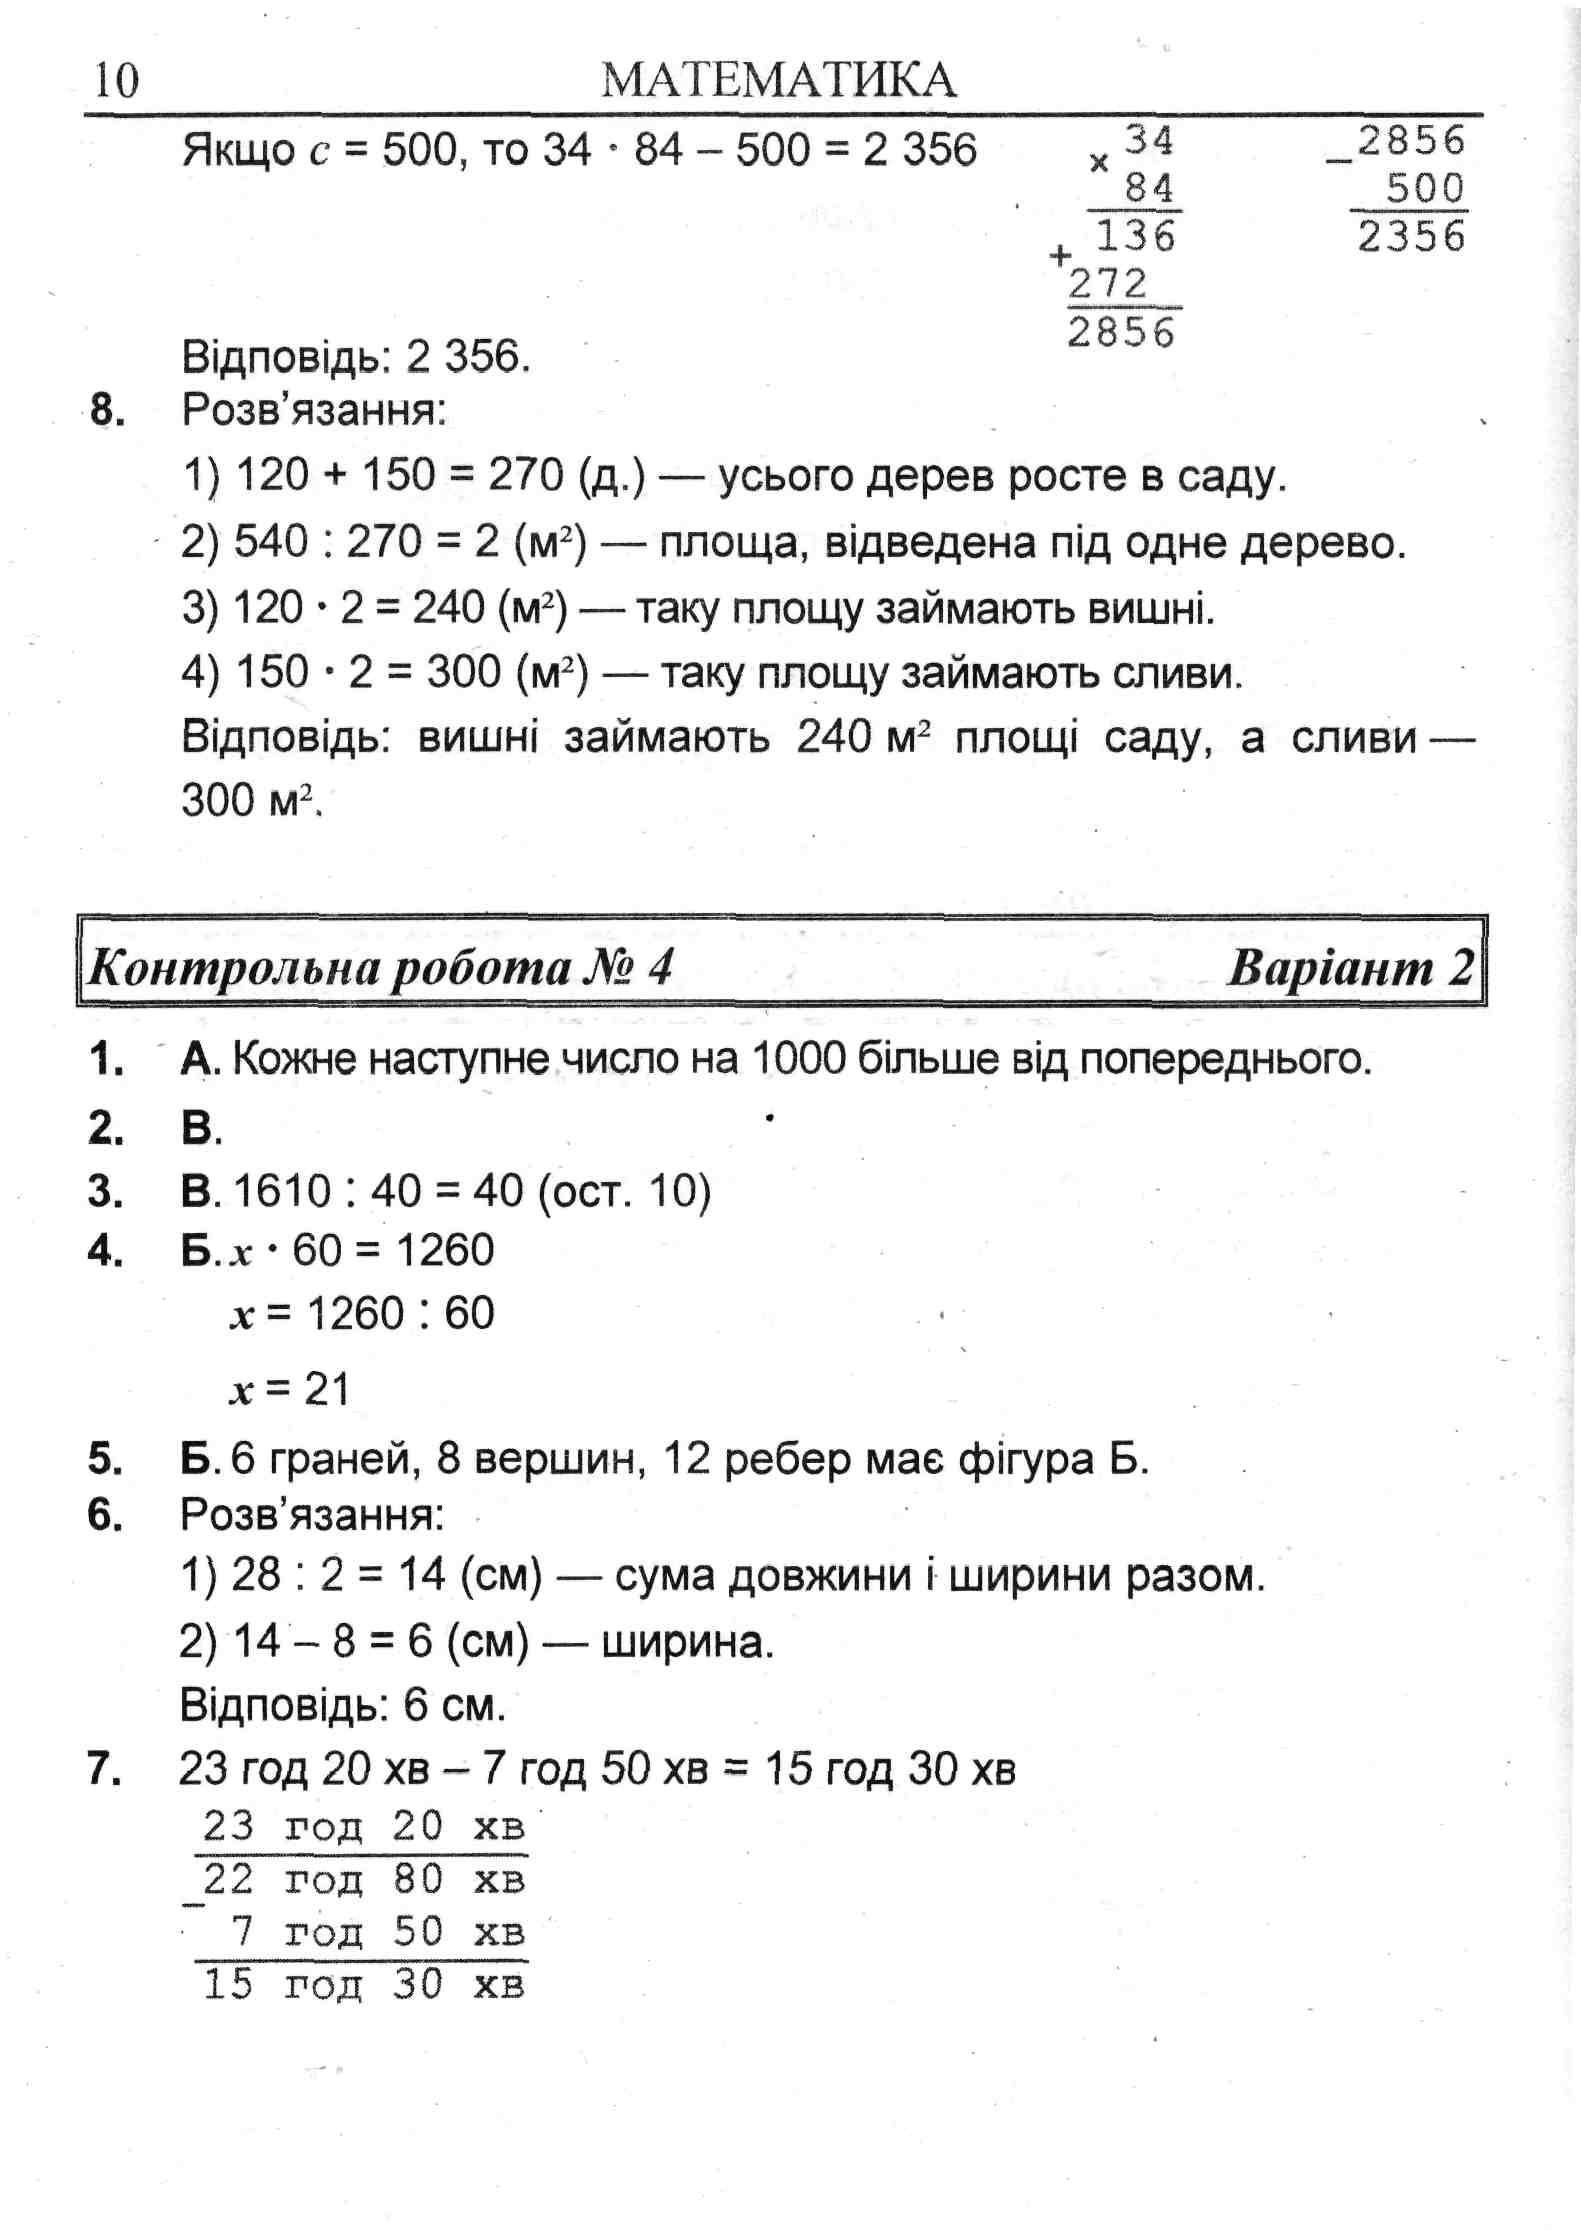 Домашняя работа по русскому языку 6 класс с.и.львова в.в.львов списать